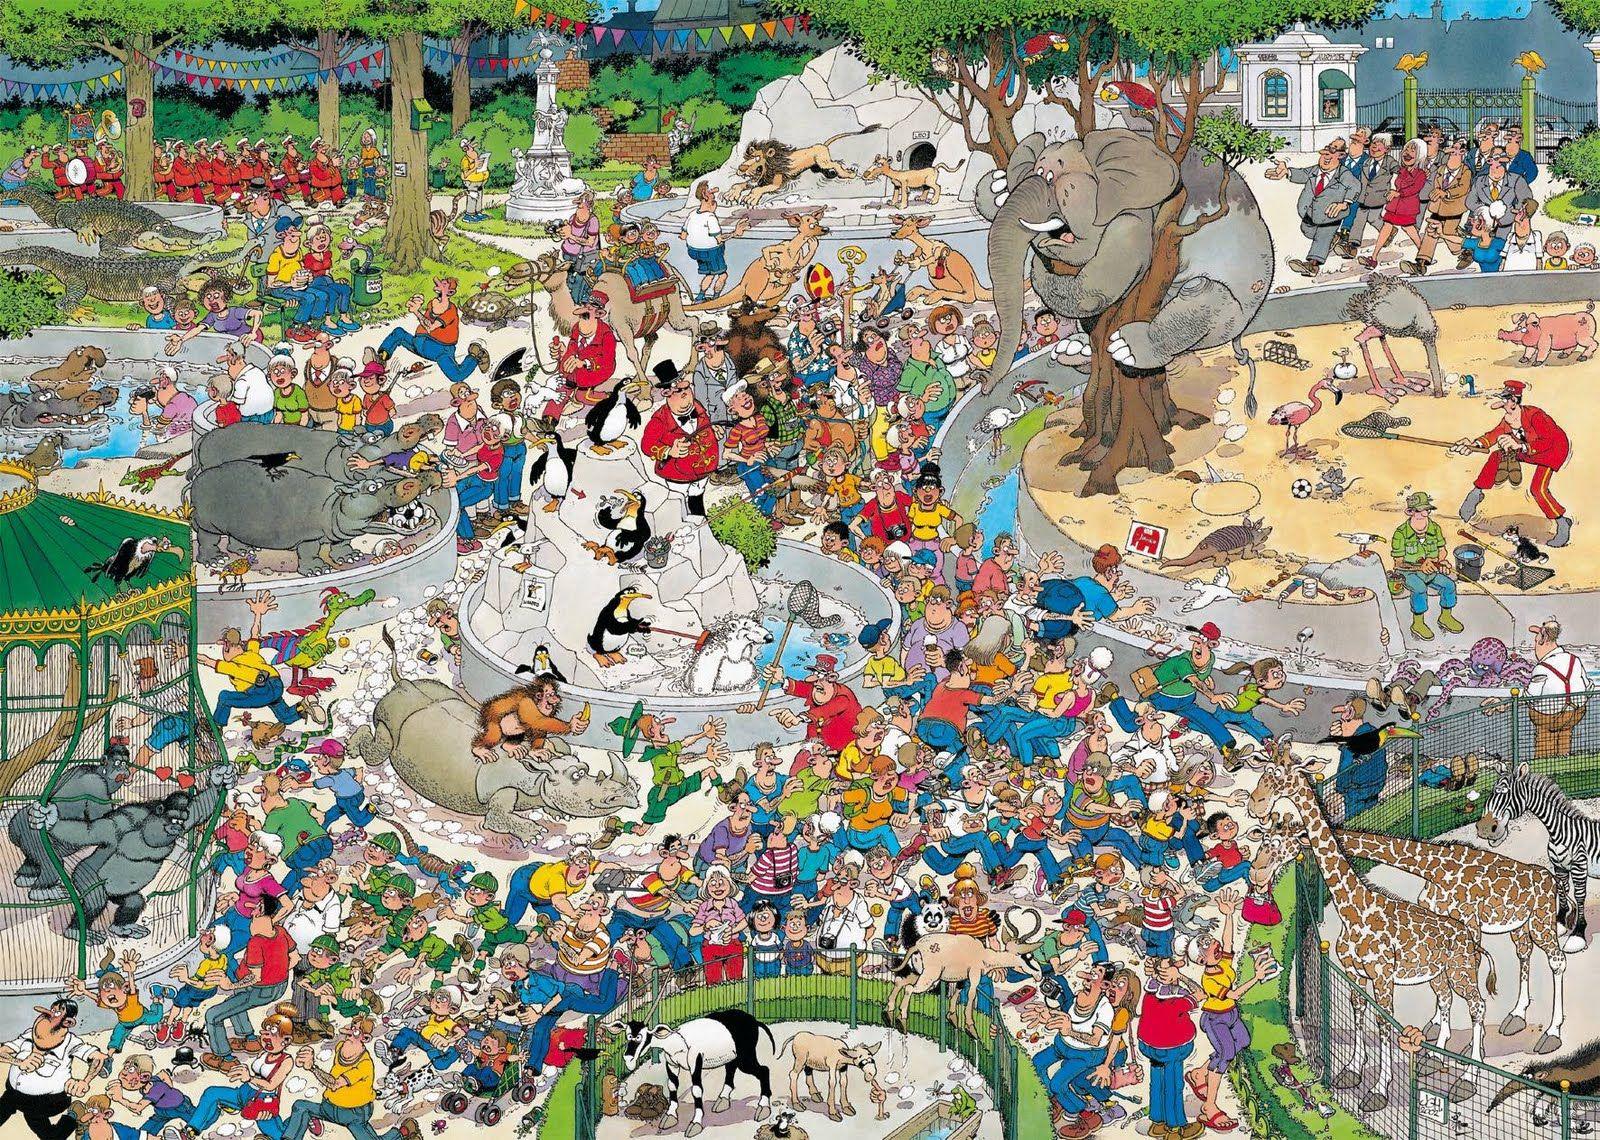 Pin Van Thierry De Vries Op Praatplaten Kleuters Children S Illustrations Preschool Laminas Didacticas De Dierentuin Dierentuin Puzzelkunst